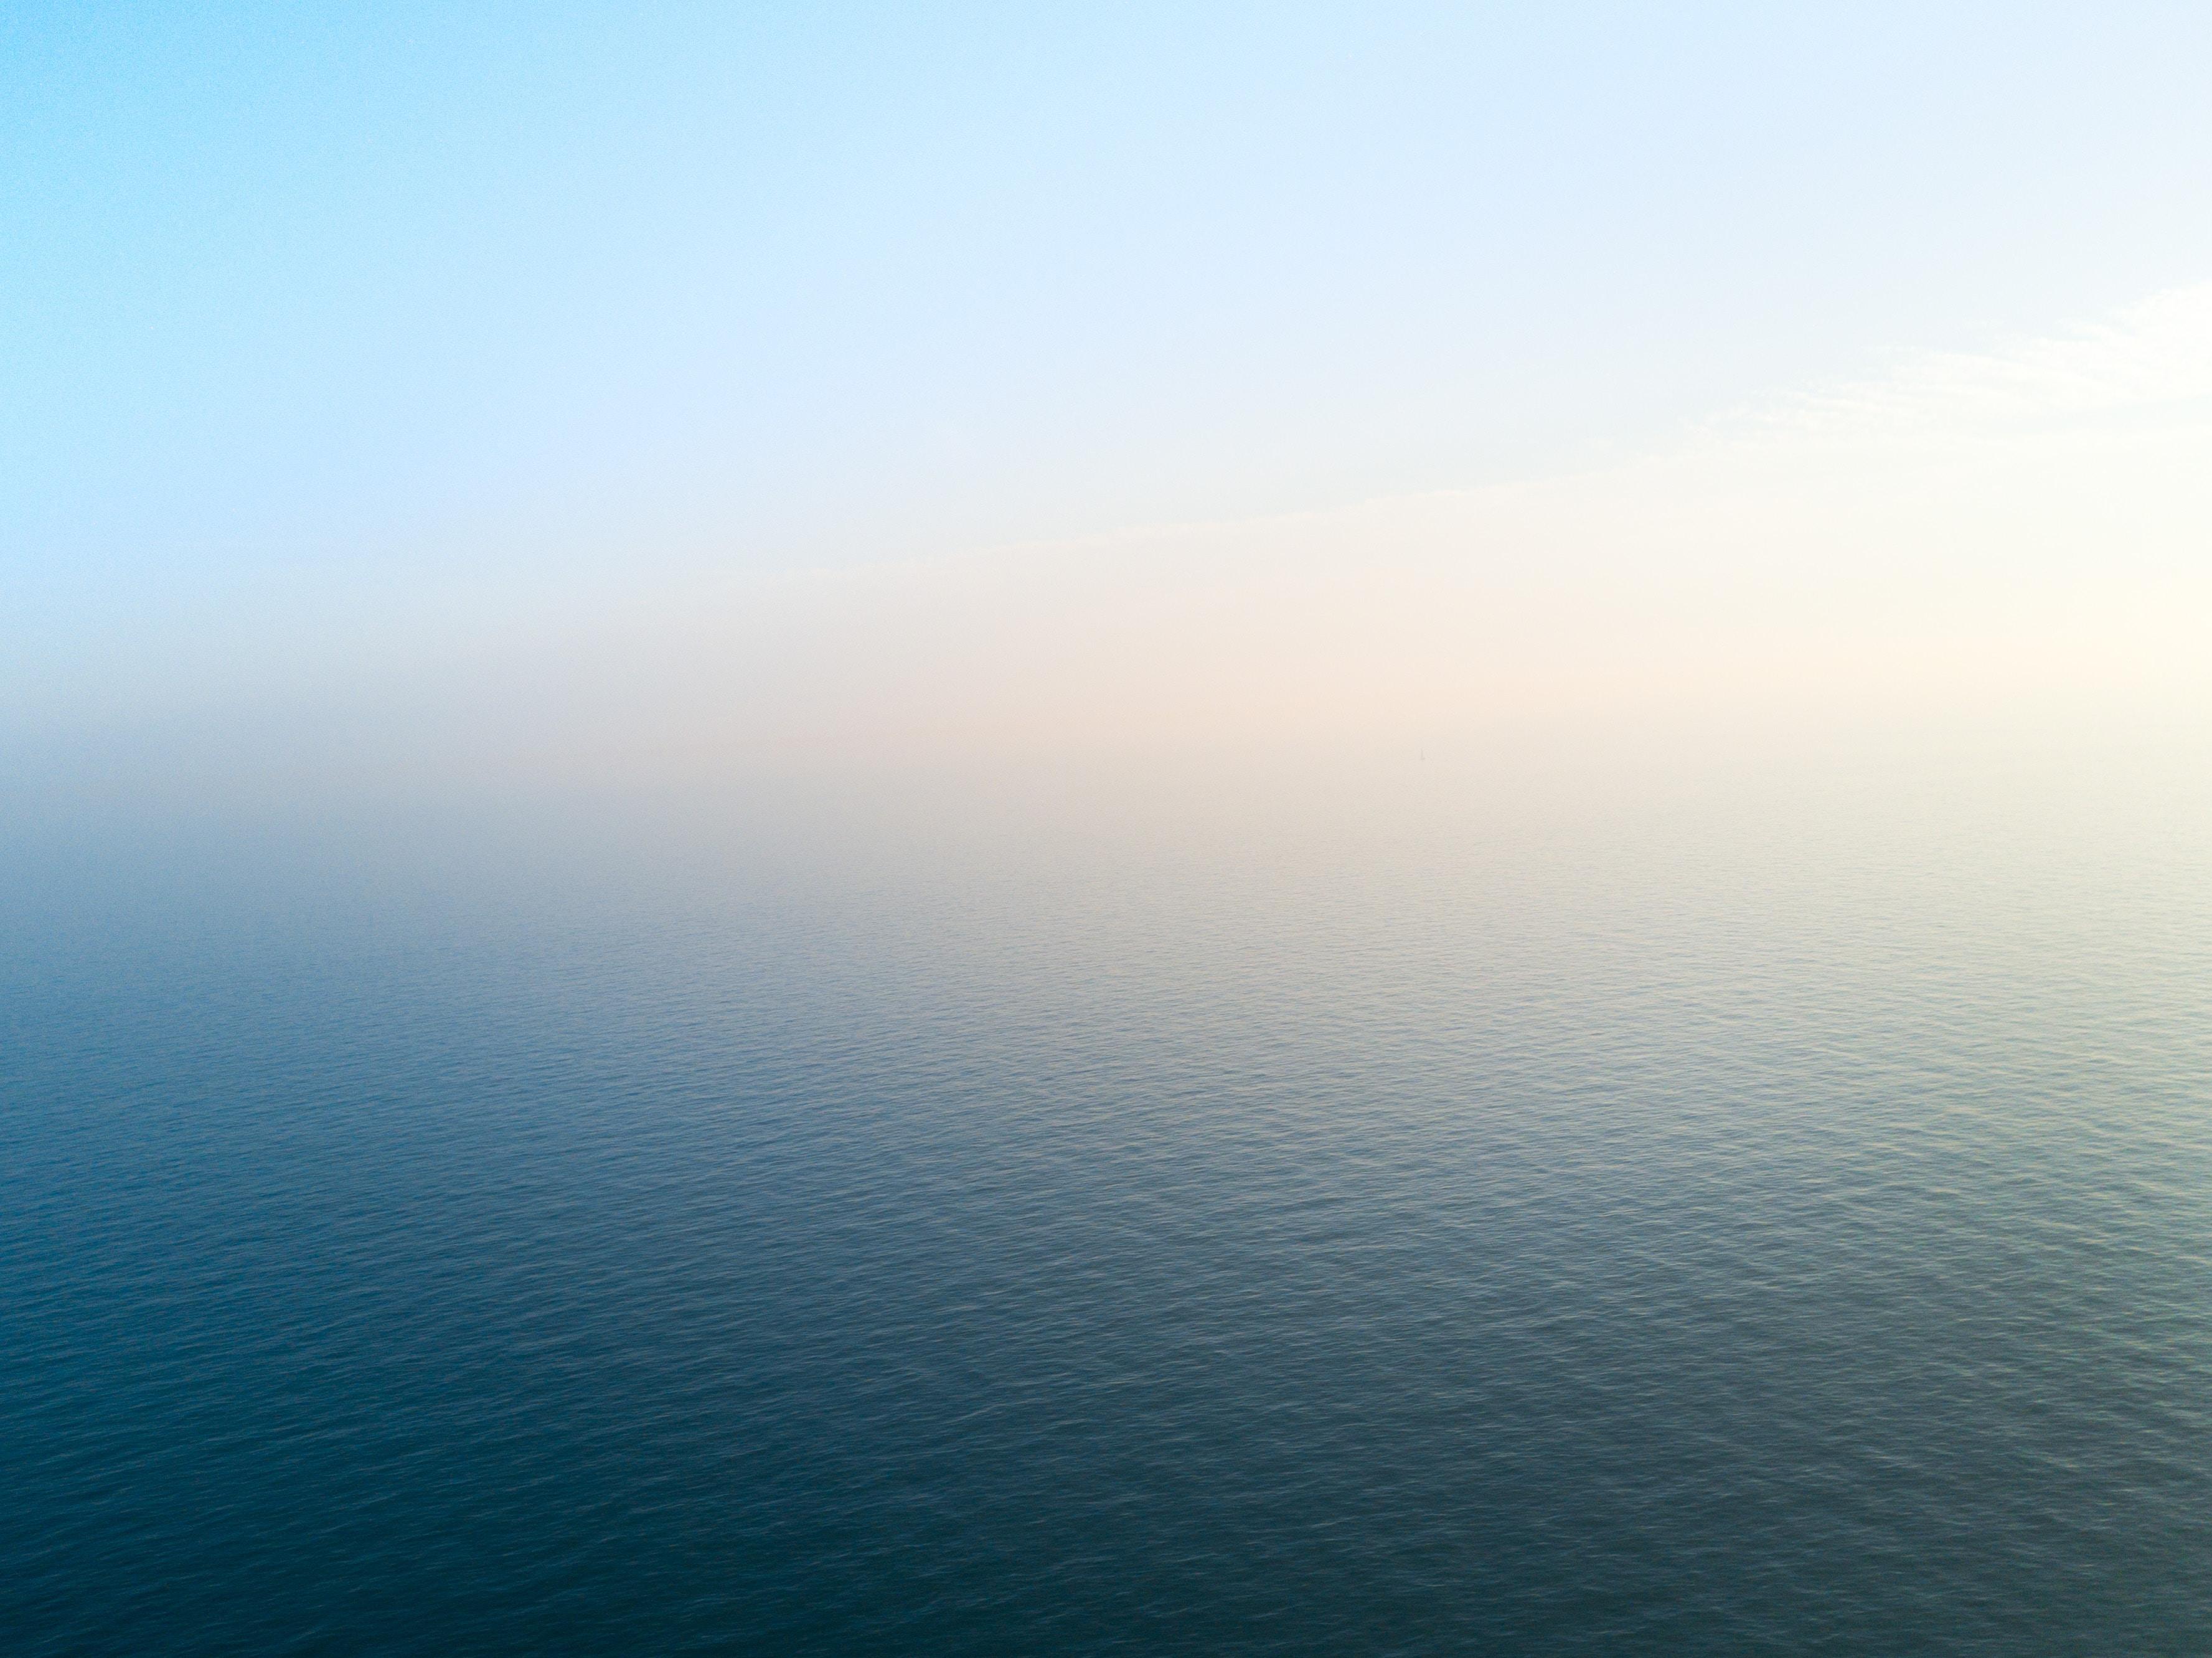 bird's eye view of calm sea